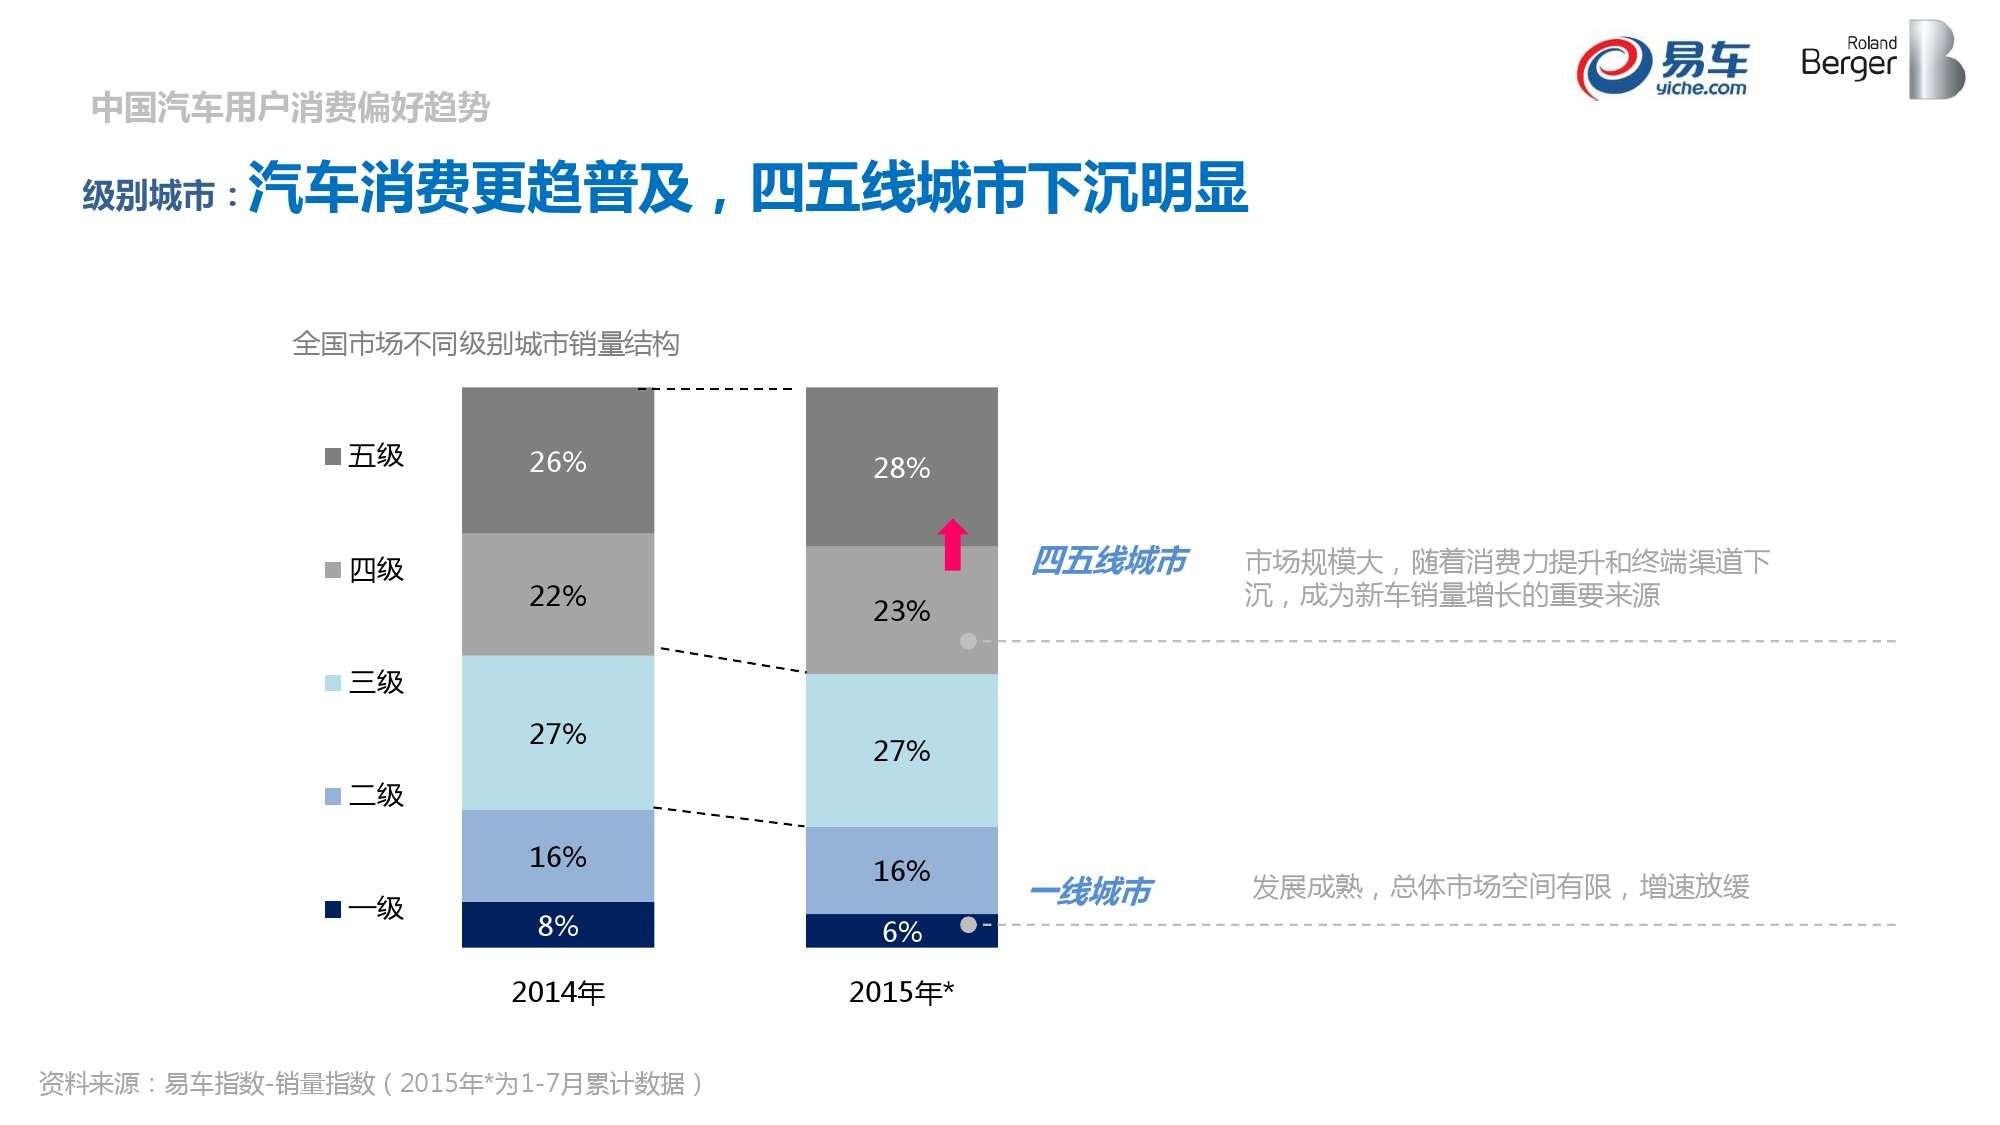 2015中国汽车消费者洞察报告_000012